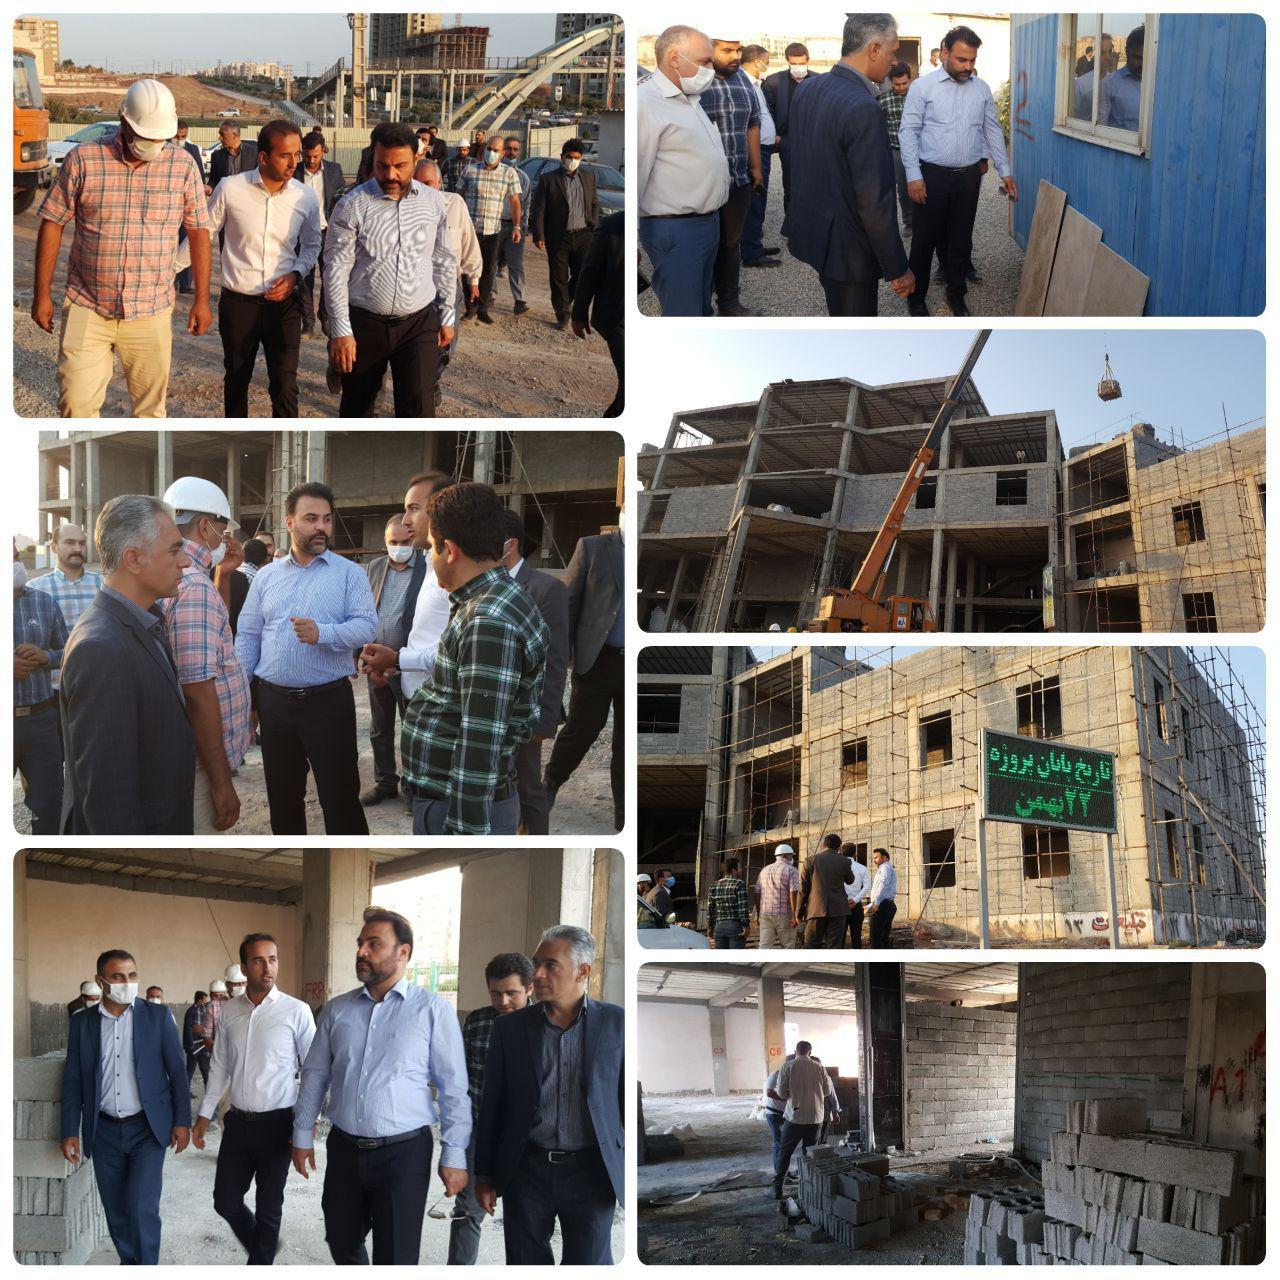 روند پرشتاب احداث ساختمان مرکزی شهرداری پرند / شهرداری پرند برای نخستین بار صاحب خانه می شود